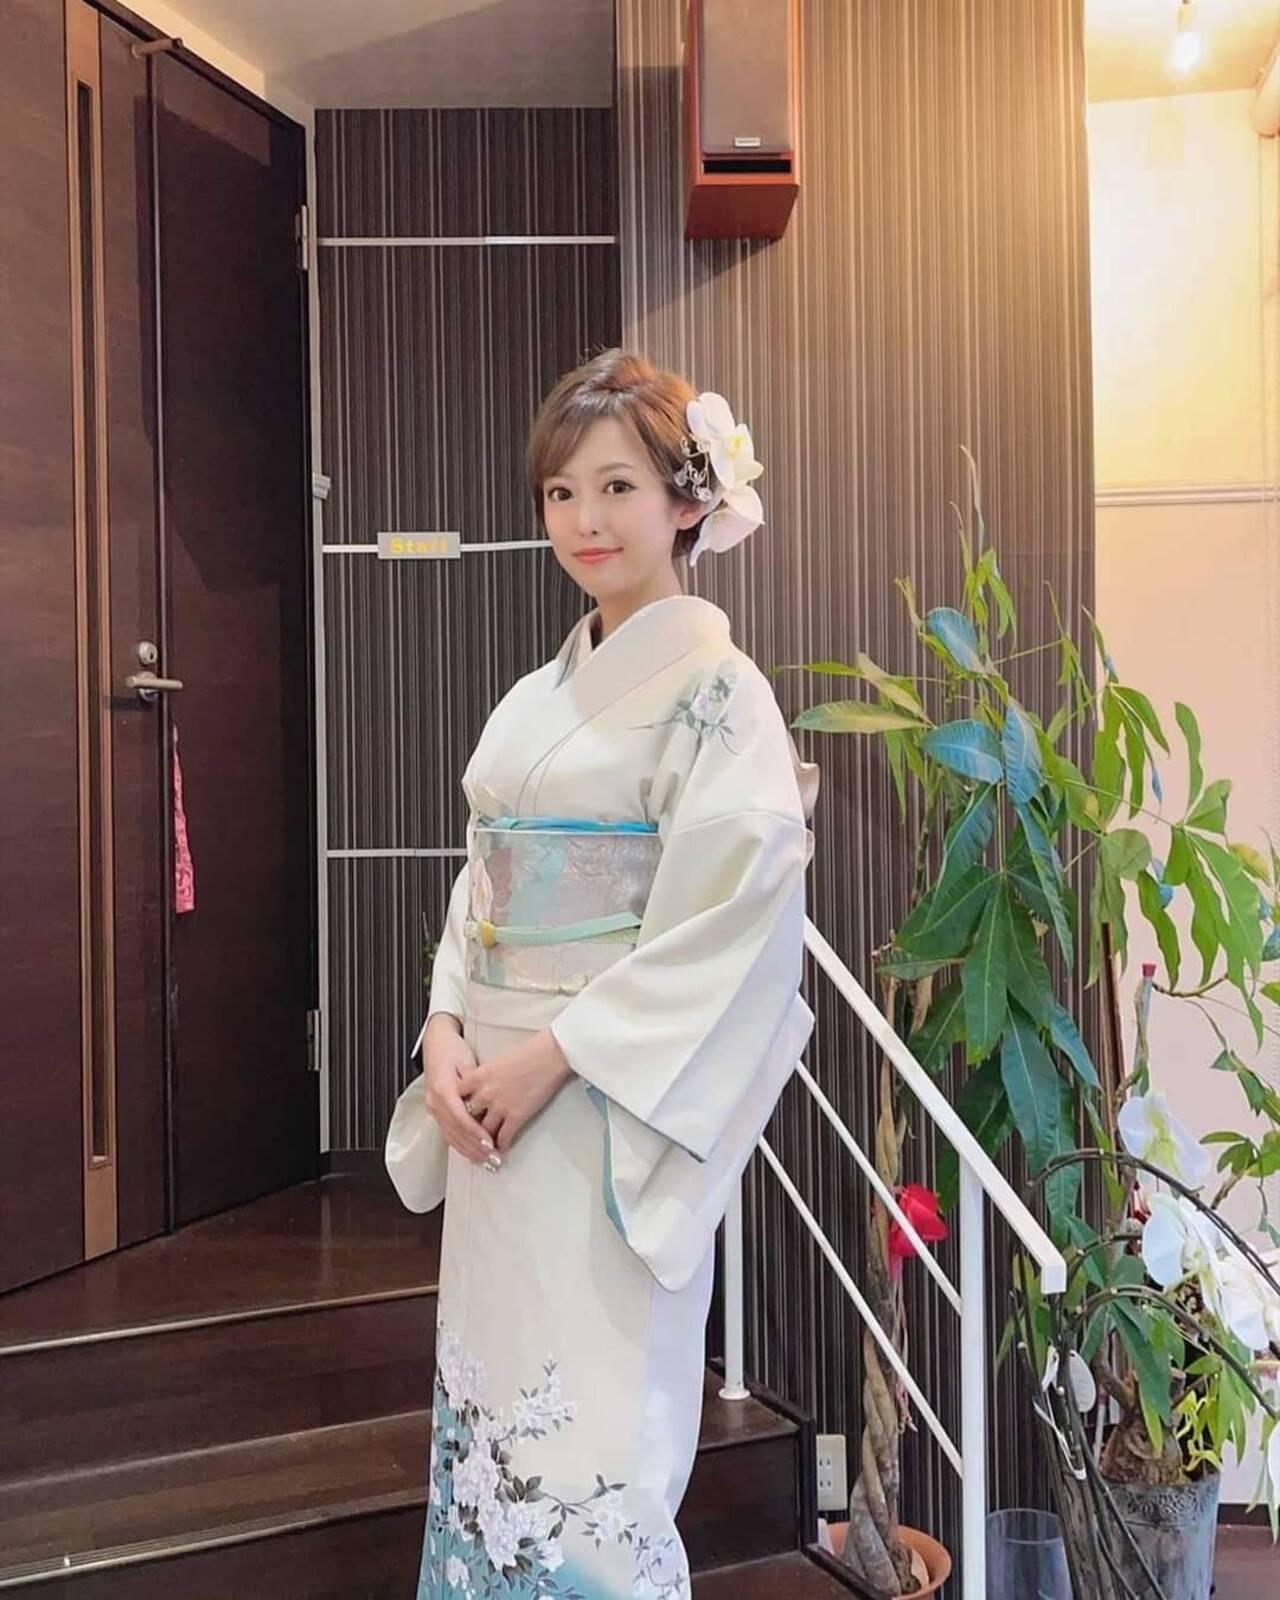 ミディアム 着物 ヘアアレンジ 結婚式髪型ヘアスタイルや髪型の写真・画像